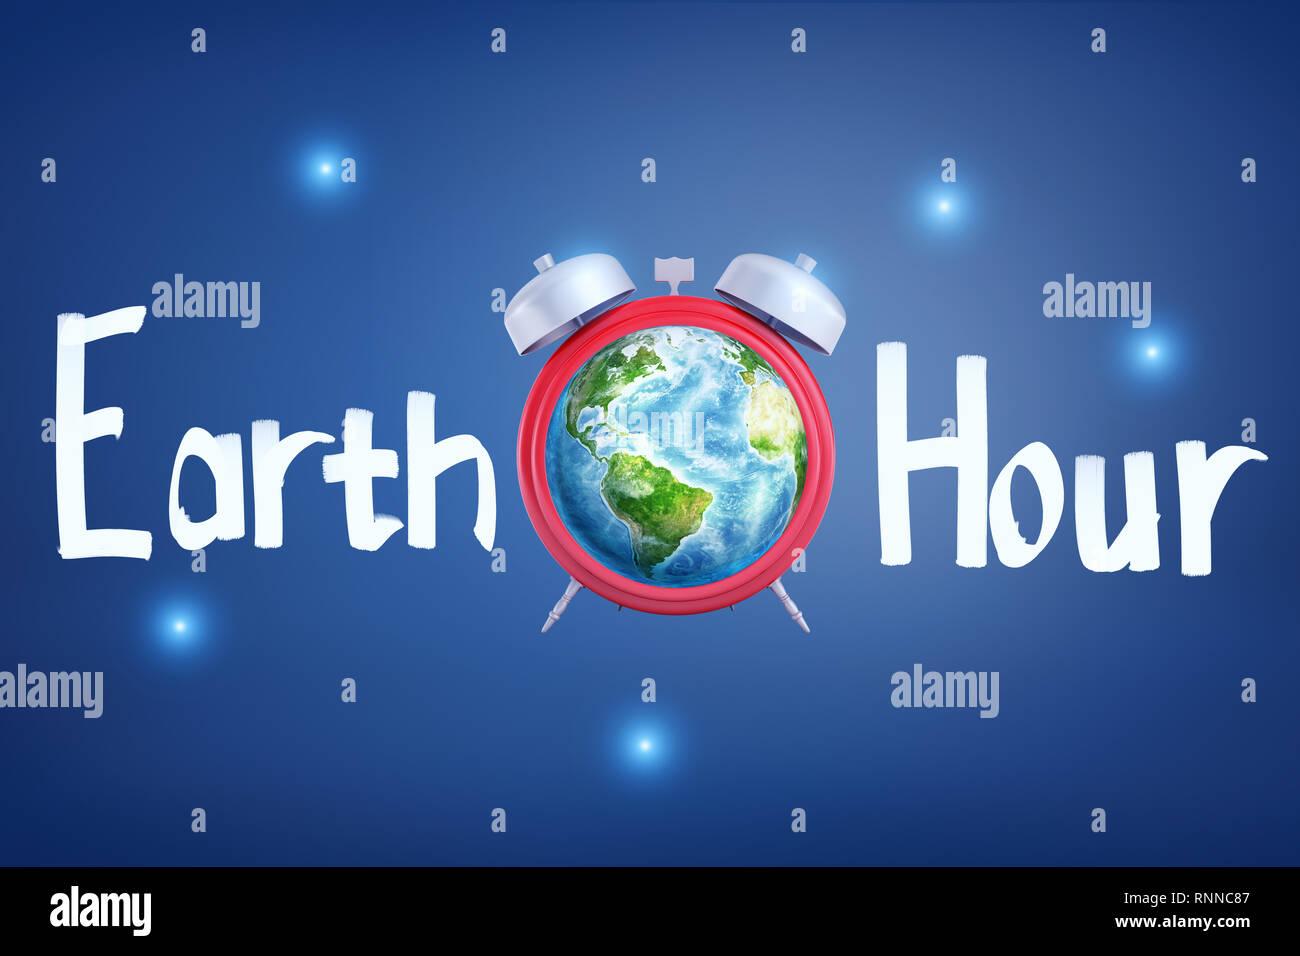 Le rendu 3D d'un réveil avec la planète terre au lieu de l'horloge-face avec le titre 'Earth Hour'. Passez au vert et se soucient de l'environnement. Des études Banque D'Images